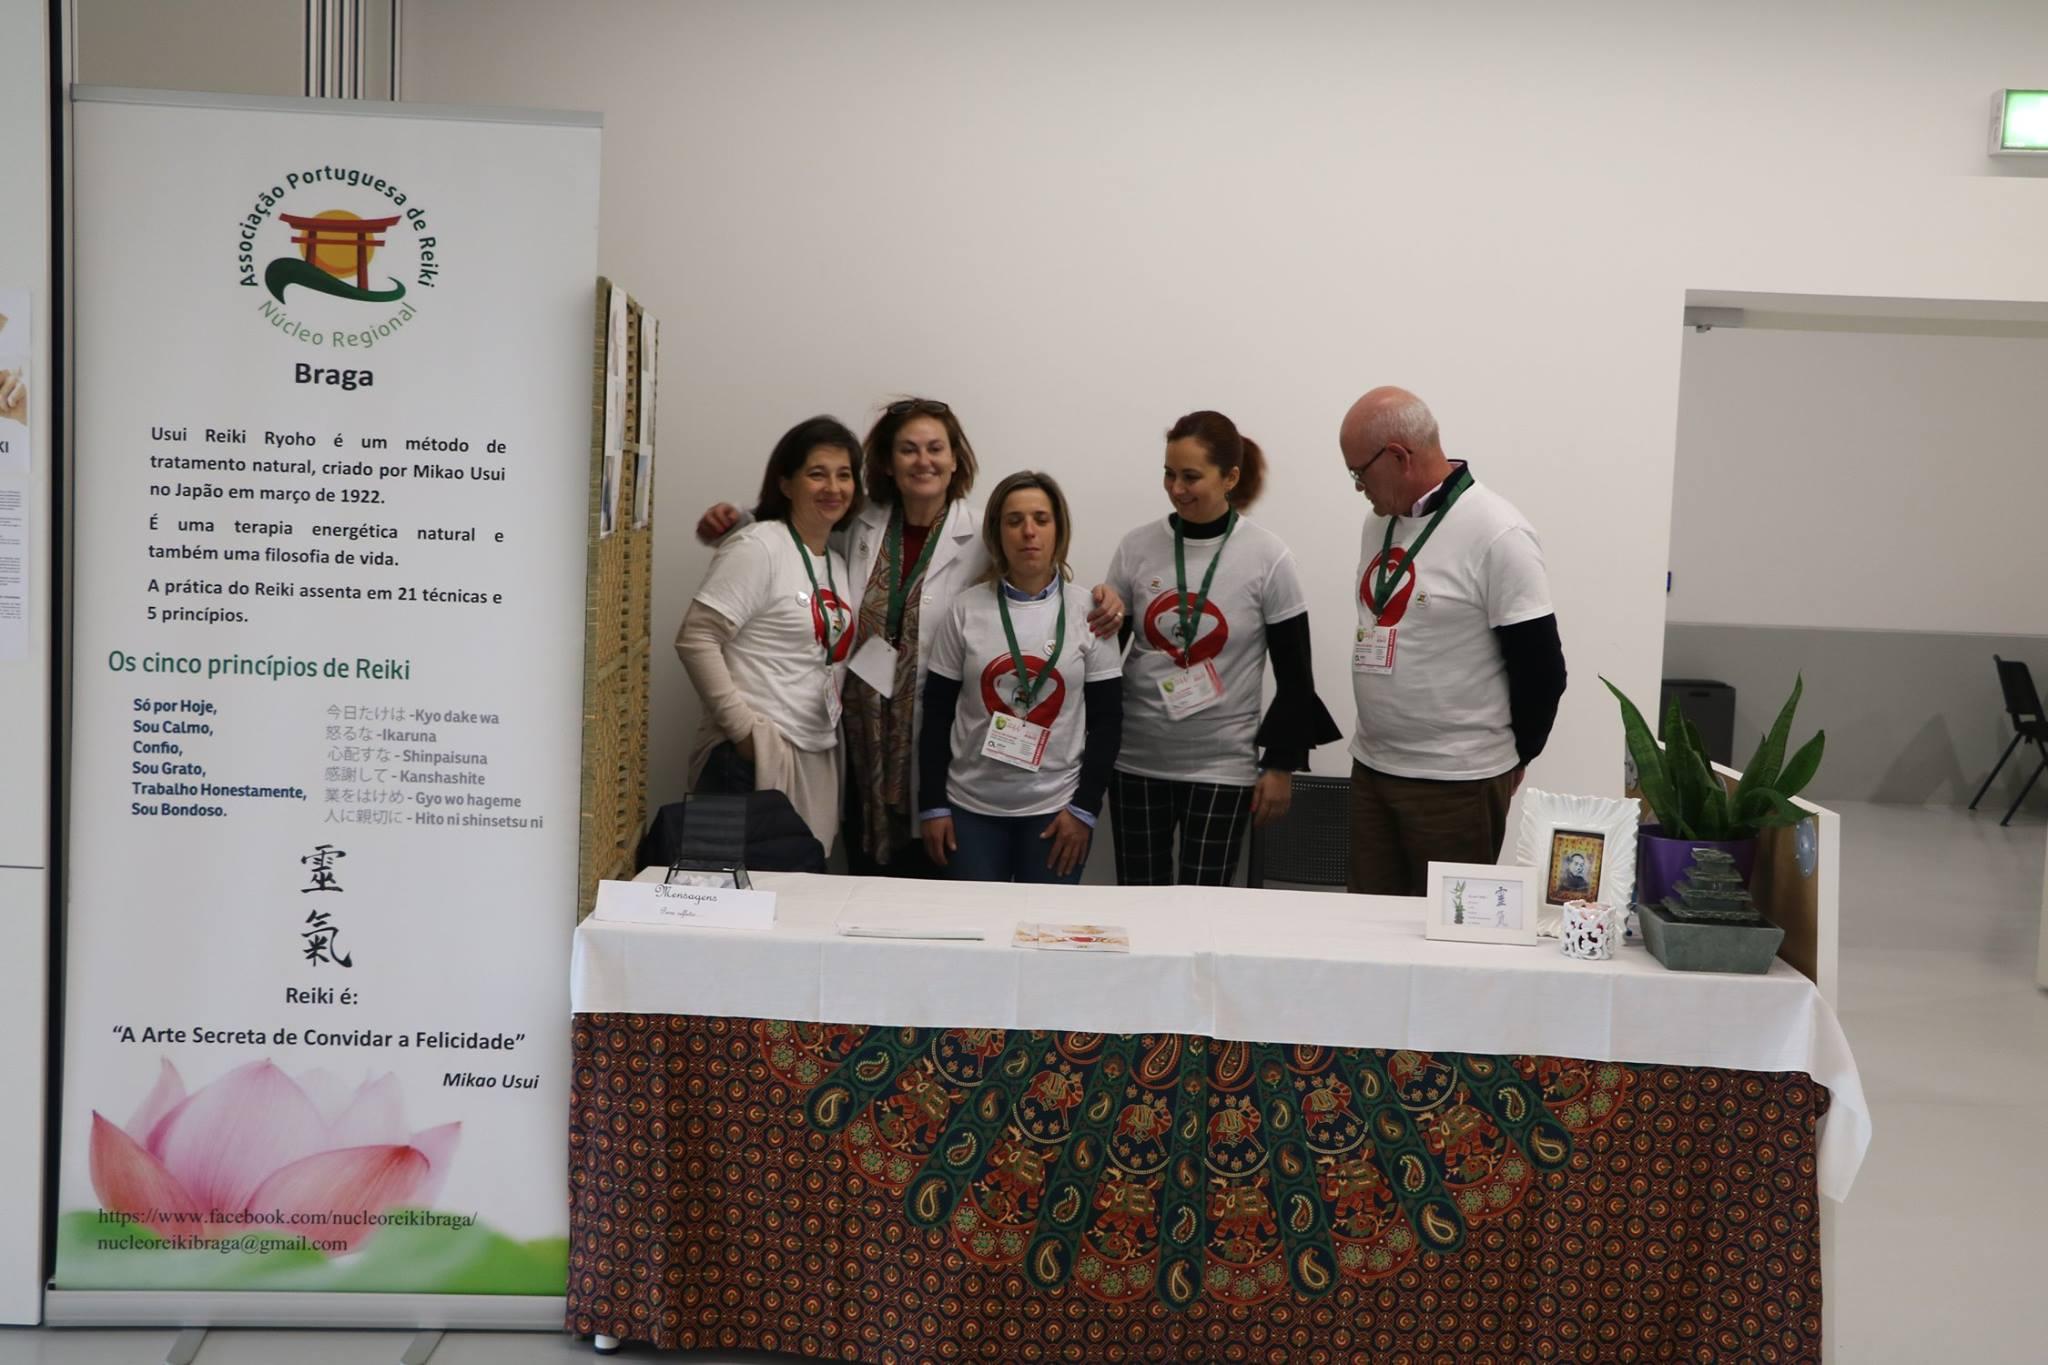 Feira da Saúde no Altice fórum em Braga